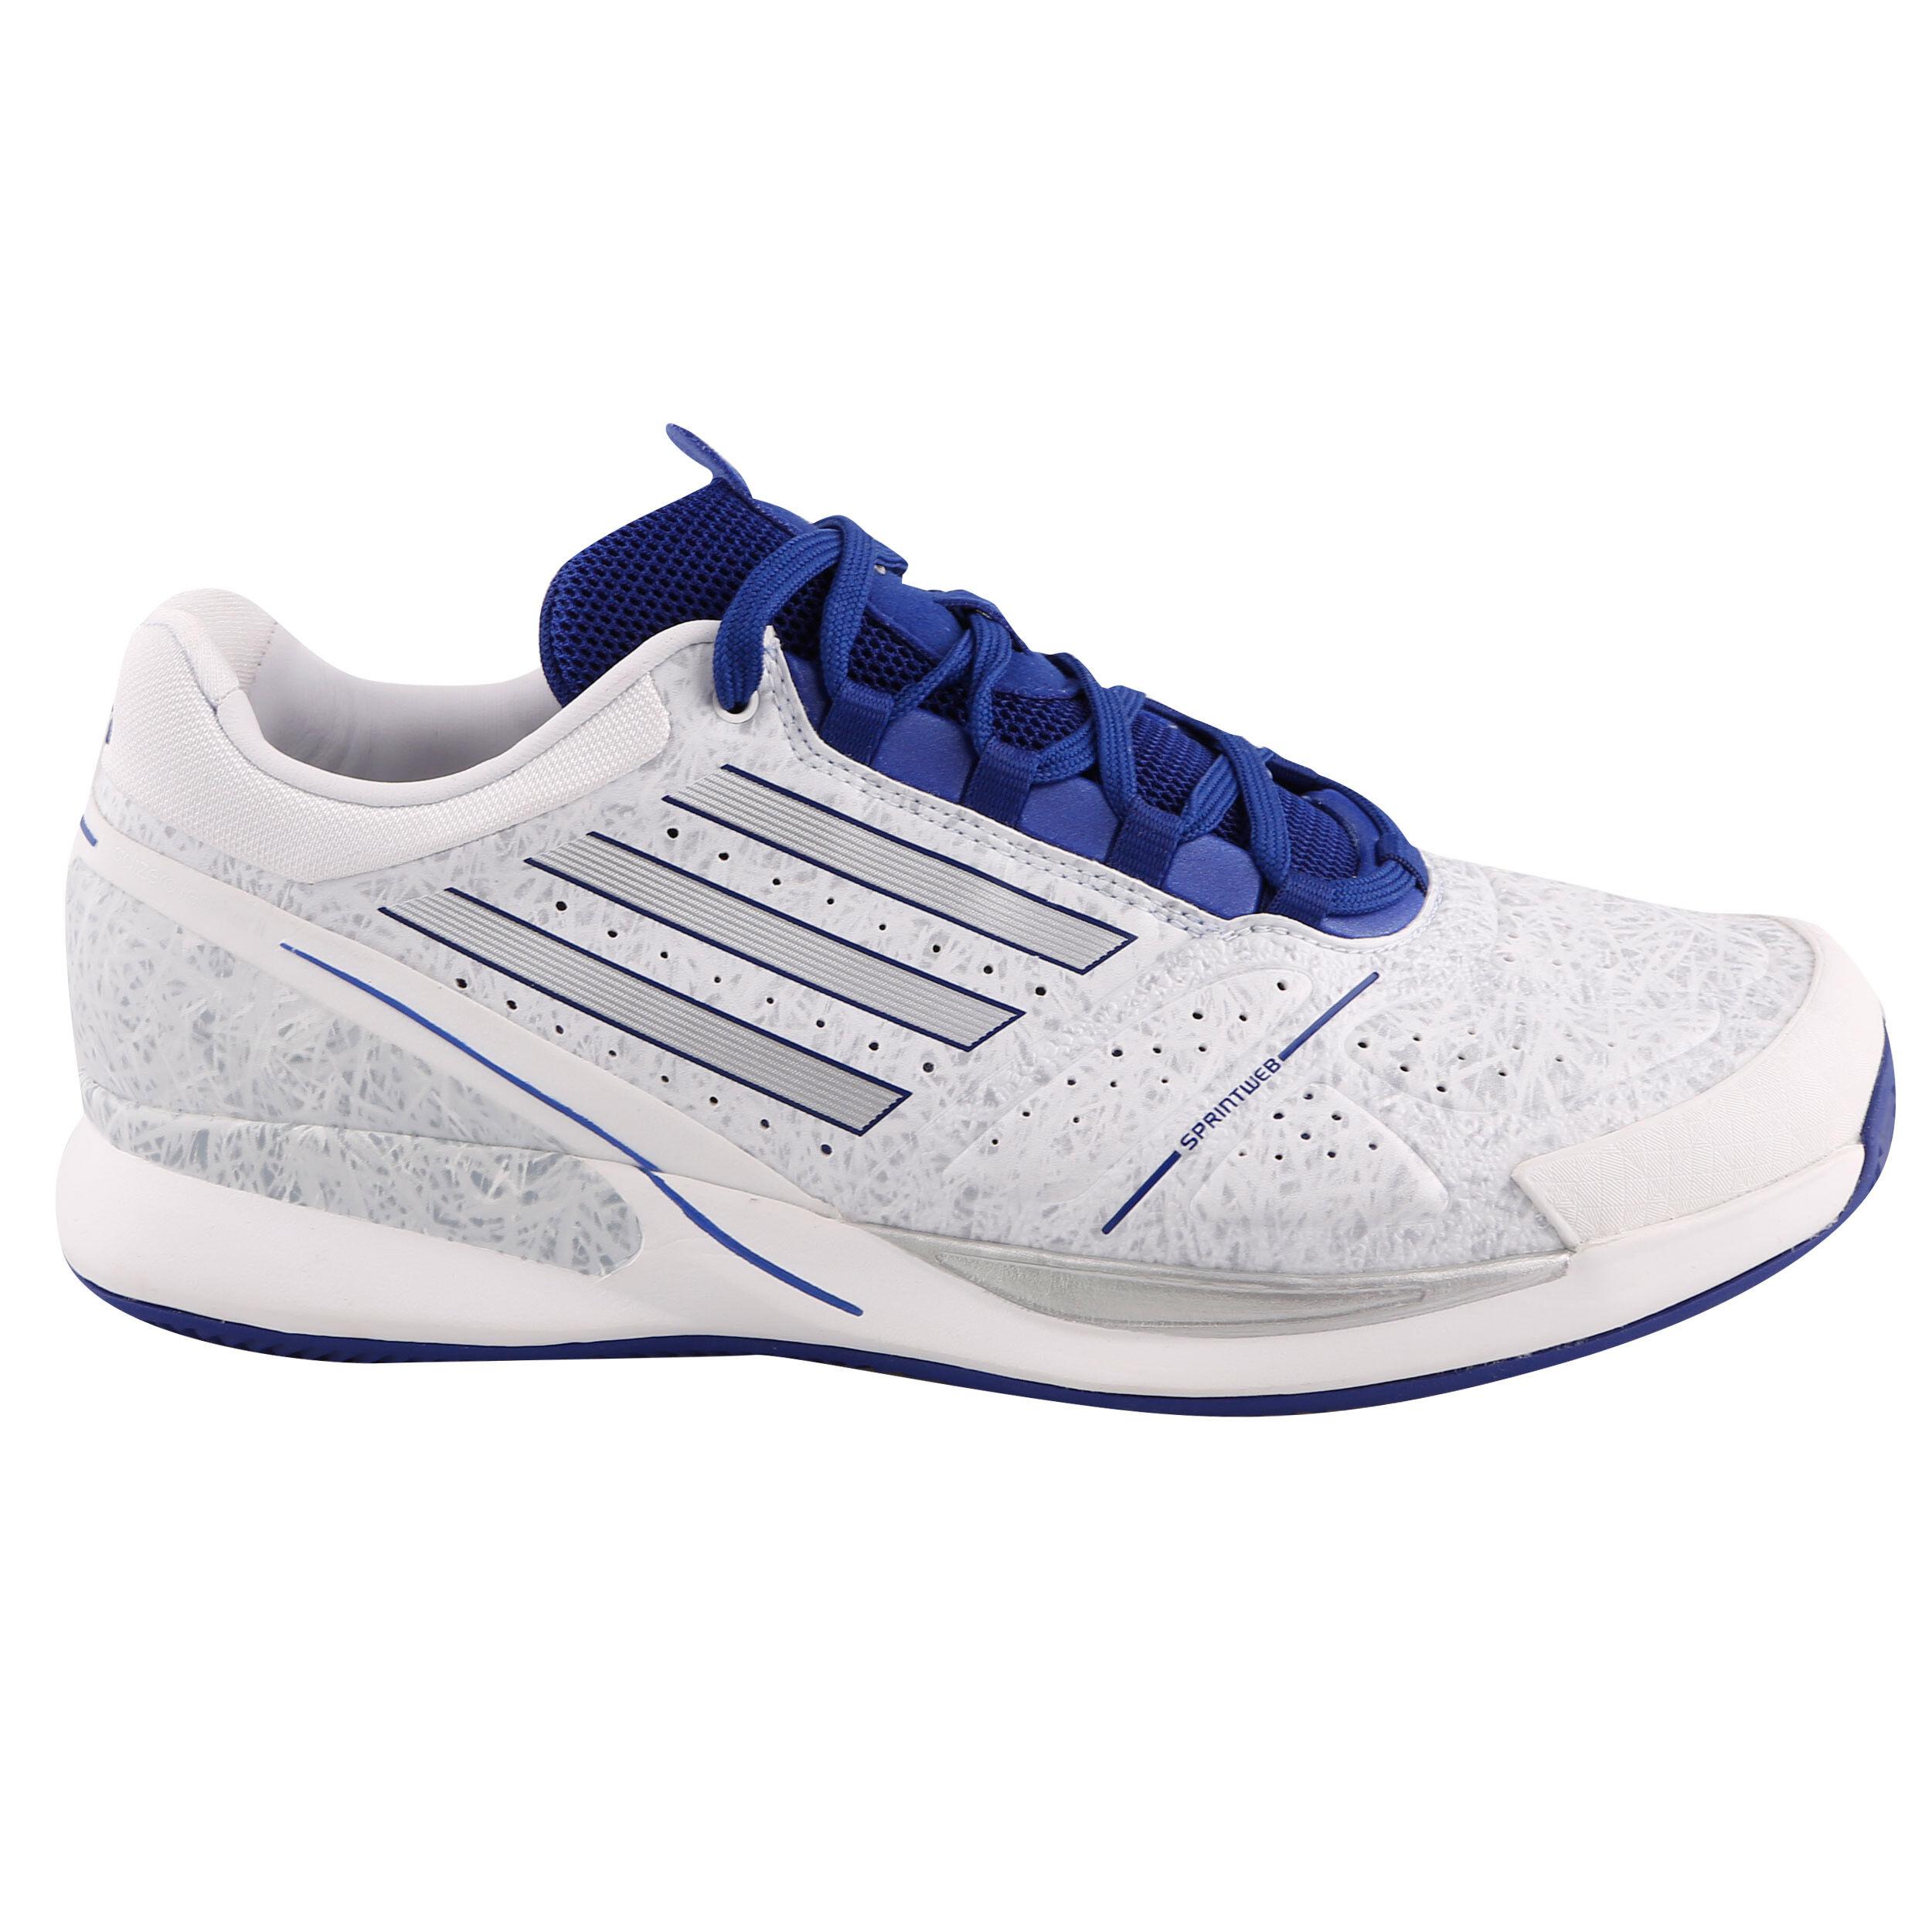 ADIDAS ADIZERO FEATHER II Herren Tennis Schuhe 49 13 Silber